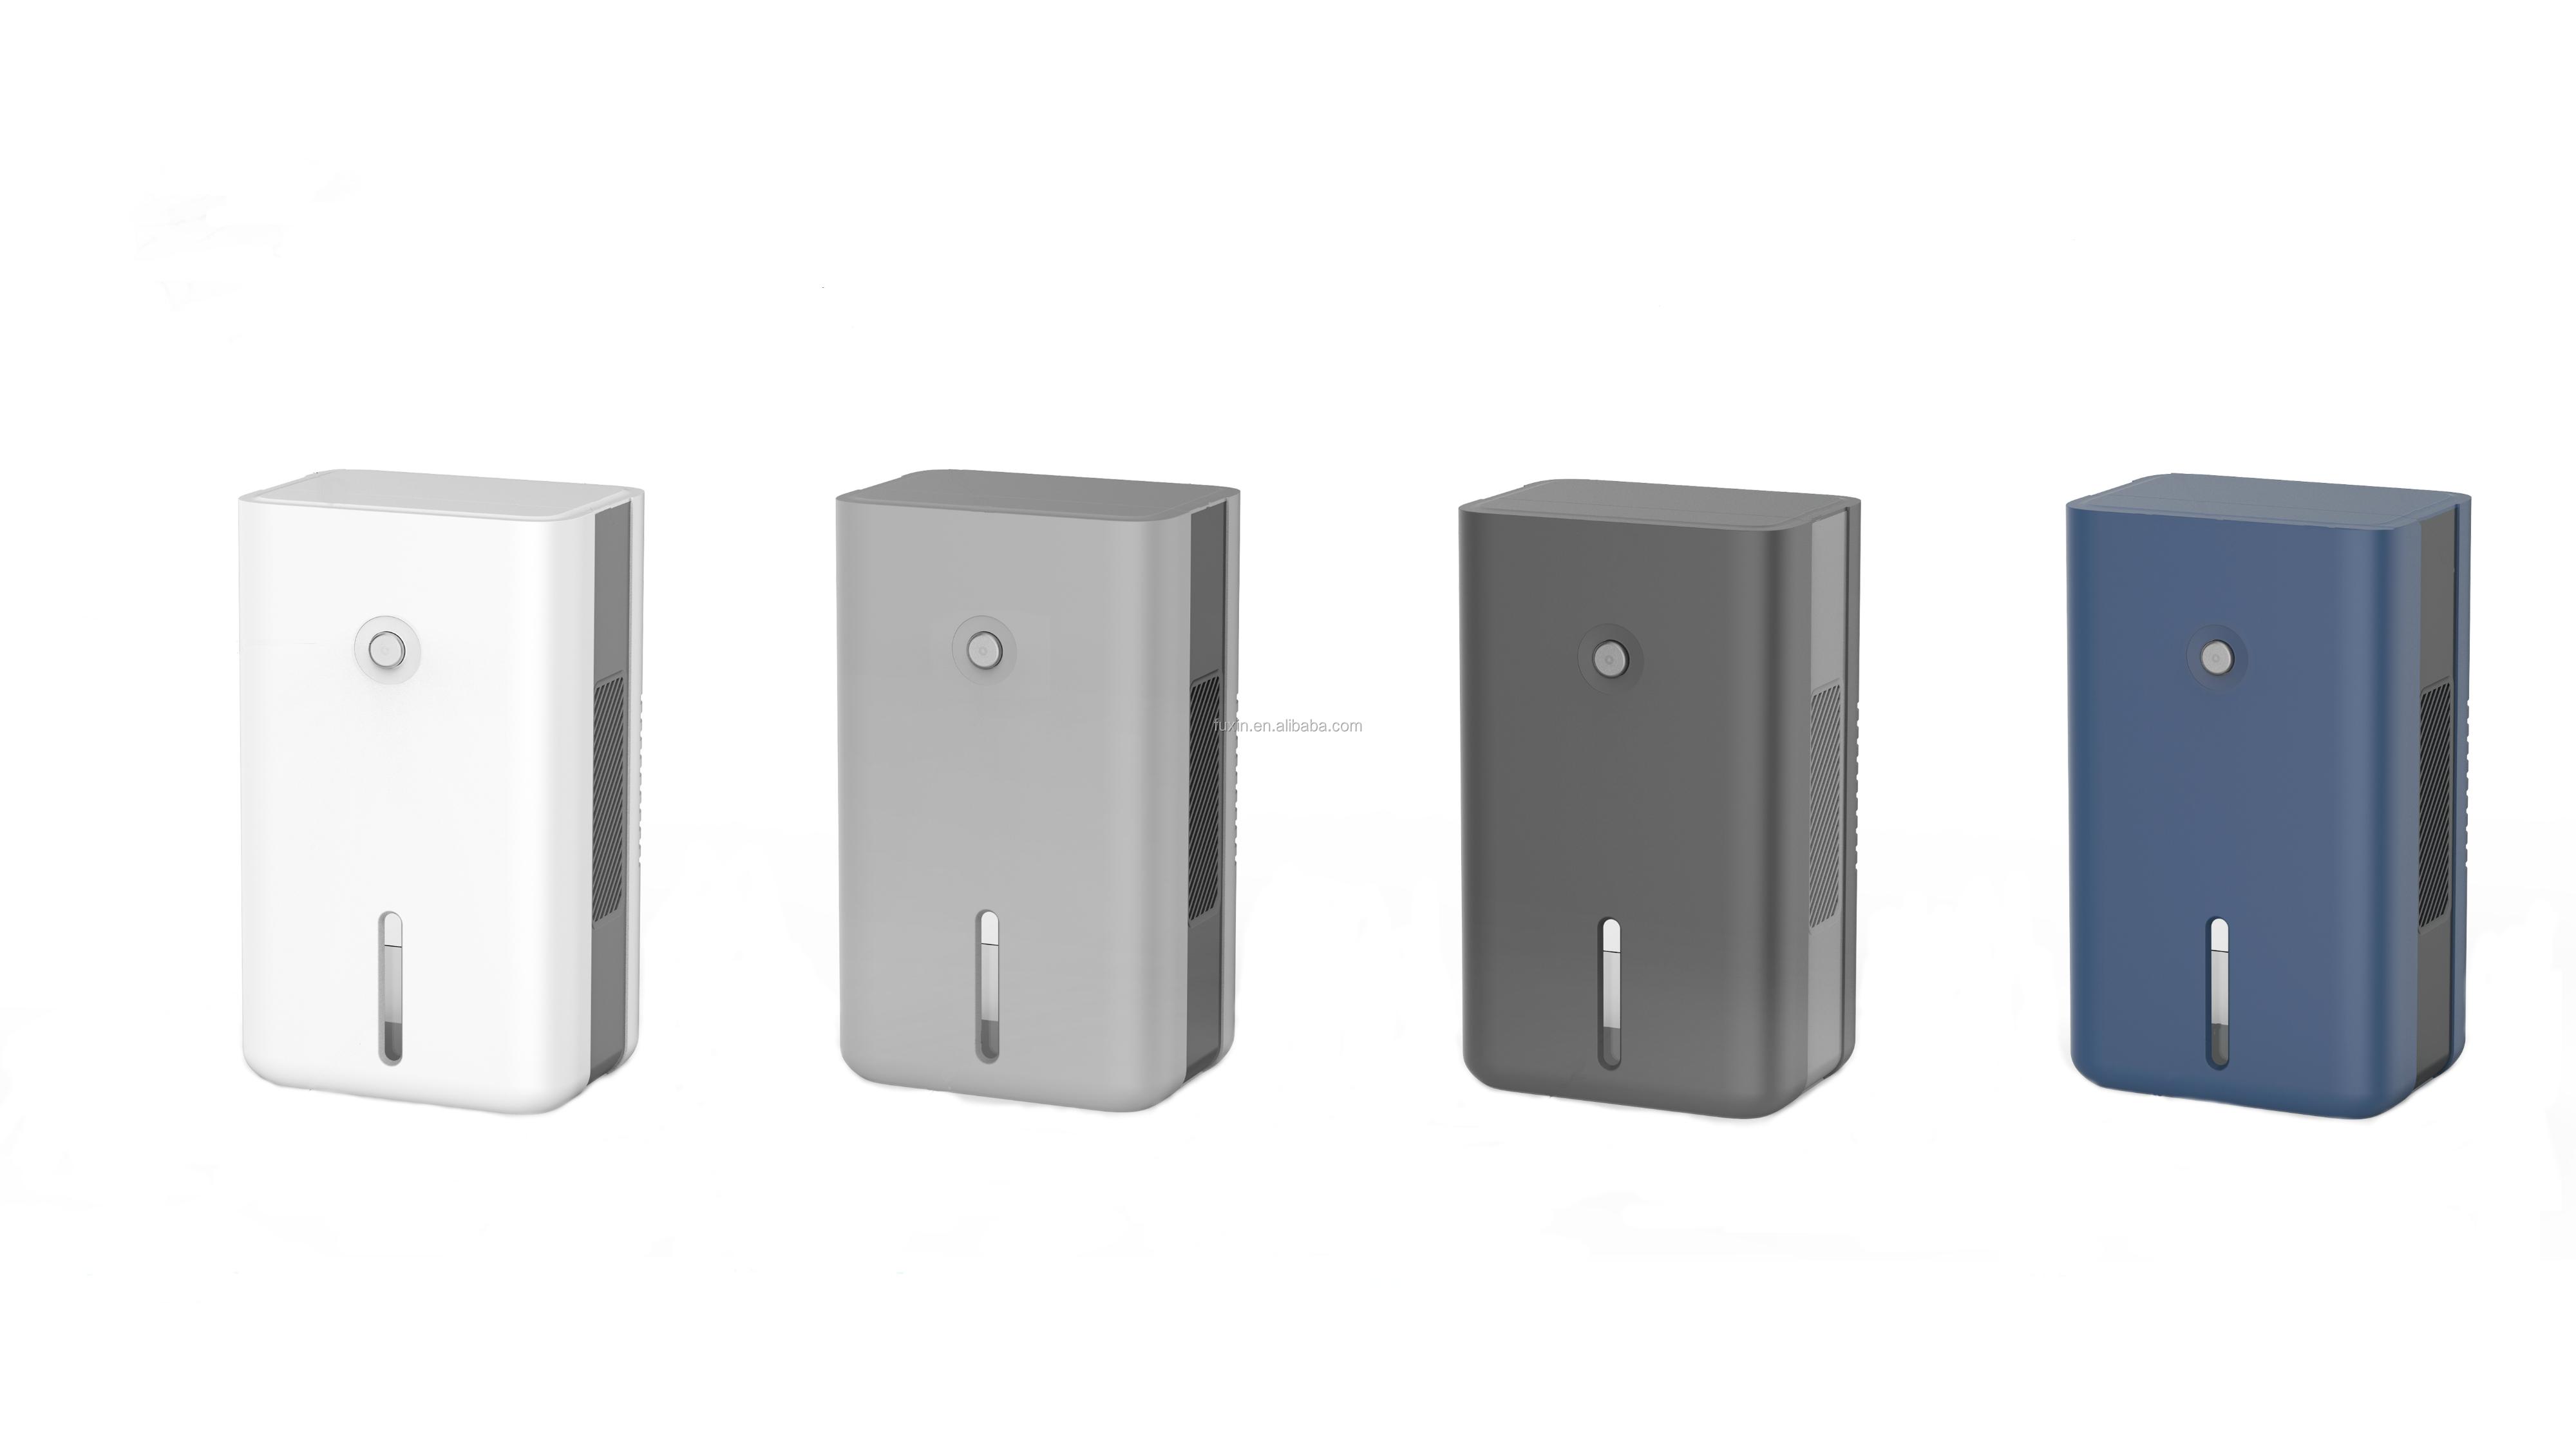 Small Dehumidifier Super Quiet Auto Shut Off Dehumidifiers for Basements, Bathroom, Bedroom, RV, Closet